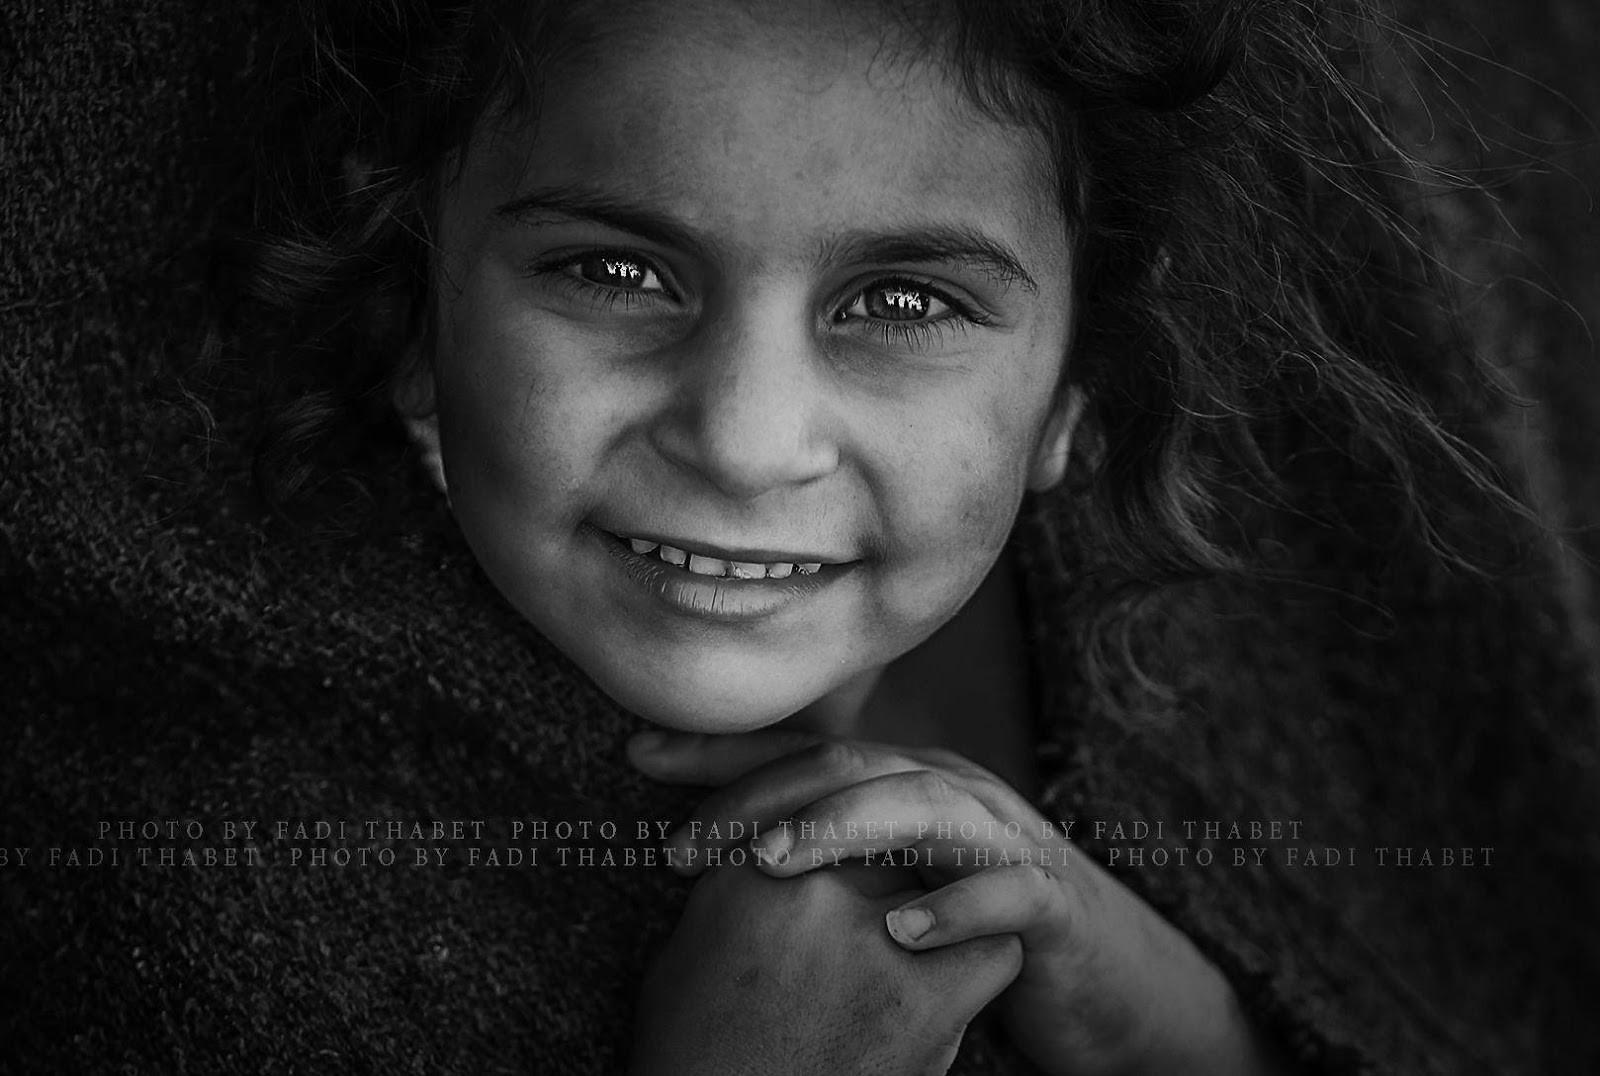 الصورة للمصور الفلسطيني فادي ثابت.jpg